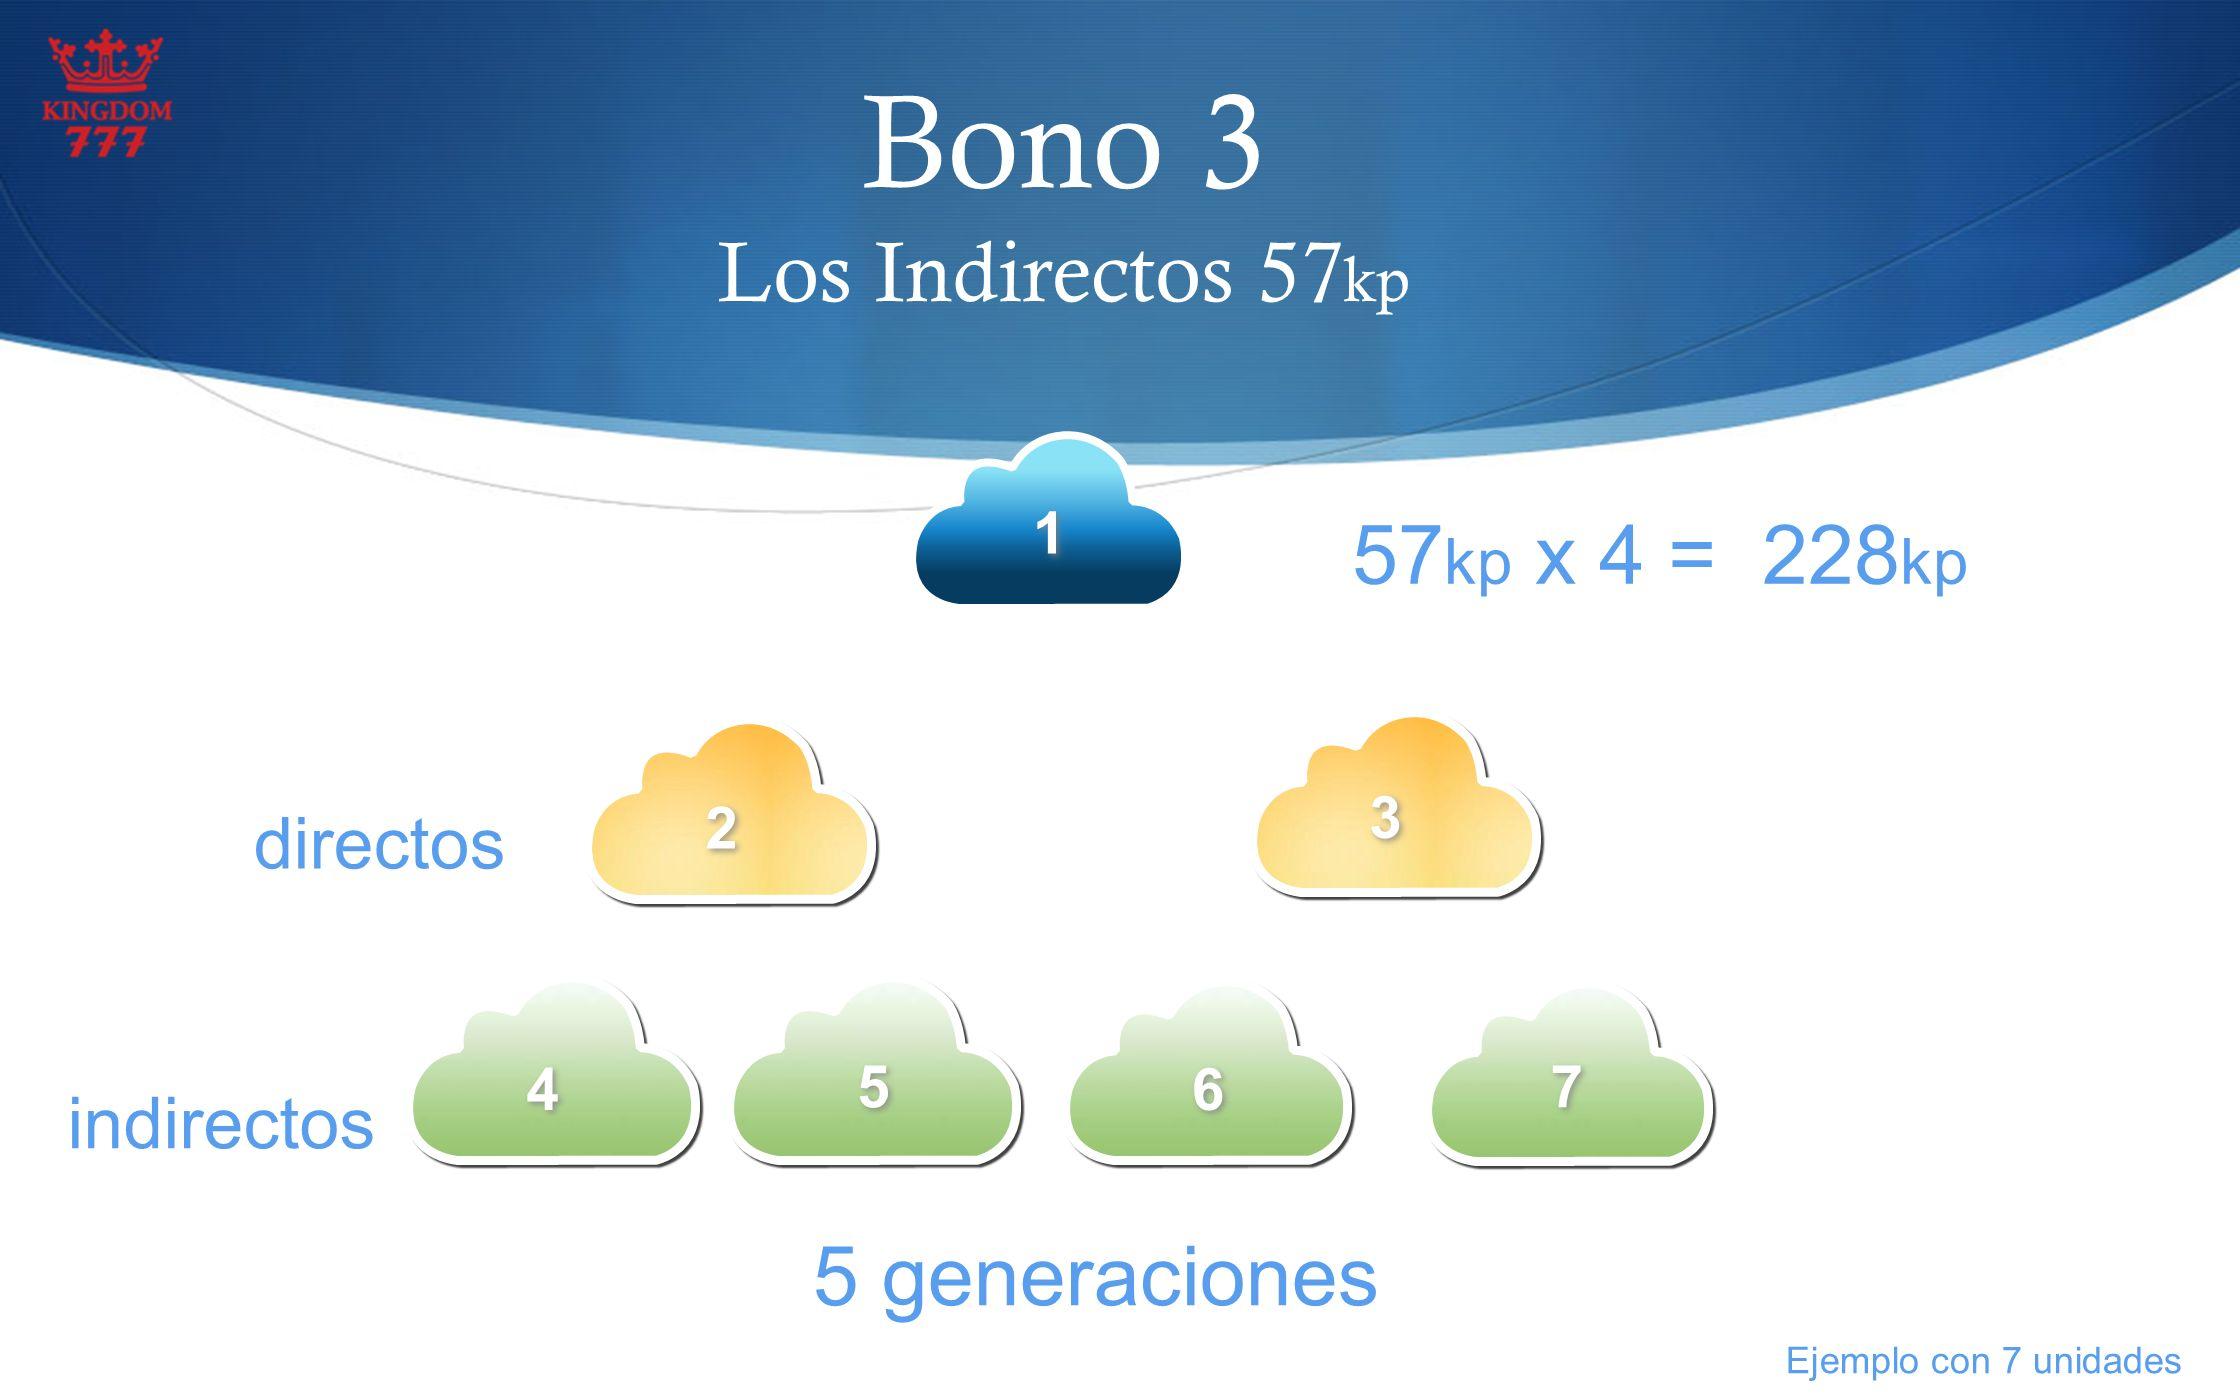 Indirecto s Bono 3 Los Indirectos 57 kp 1 1 5 generaciones Directo s 2 2 3 3 4 4 5 5 6 6 7 7 57 kp x 4 = 228 kp directos indirectos Ejemplo con 7 unid